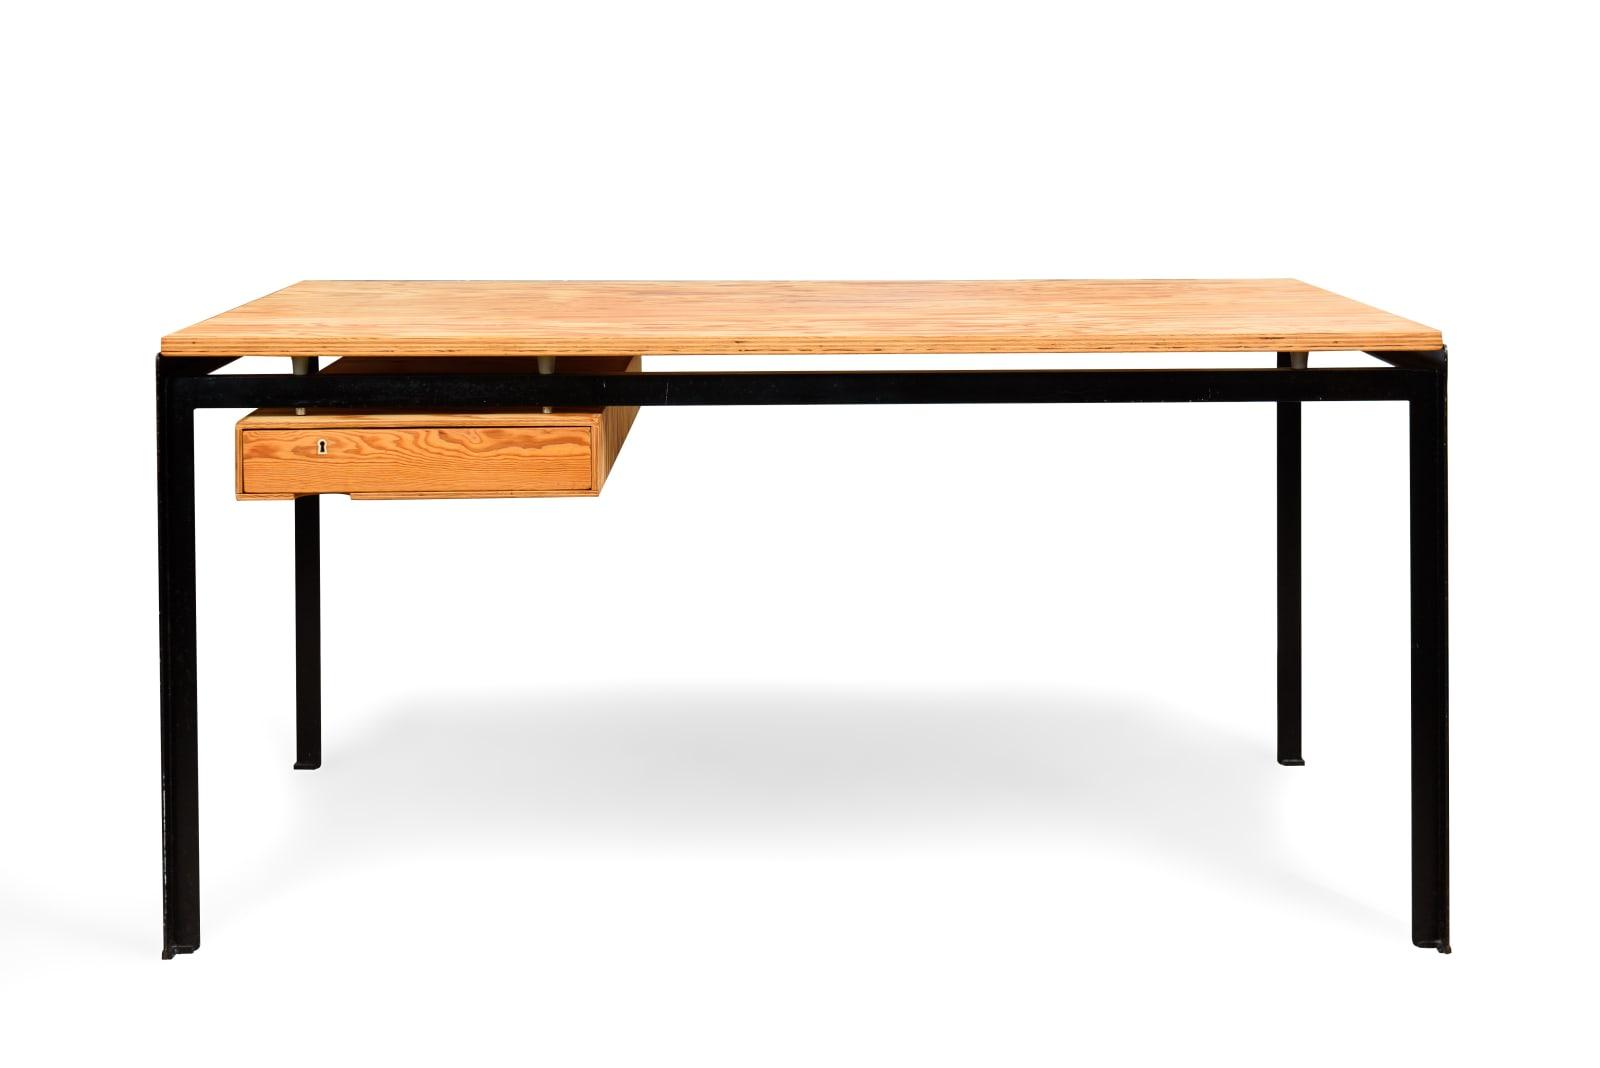 Poul Kjaerholm 1929-1980, Denmark Professor's Desk , 1955